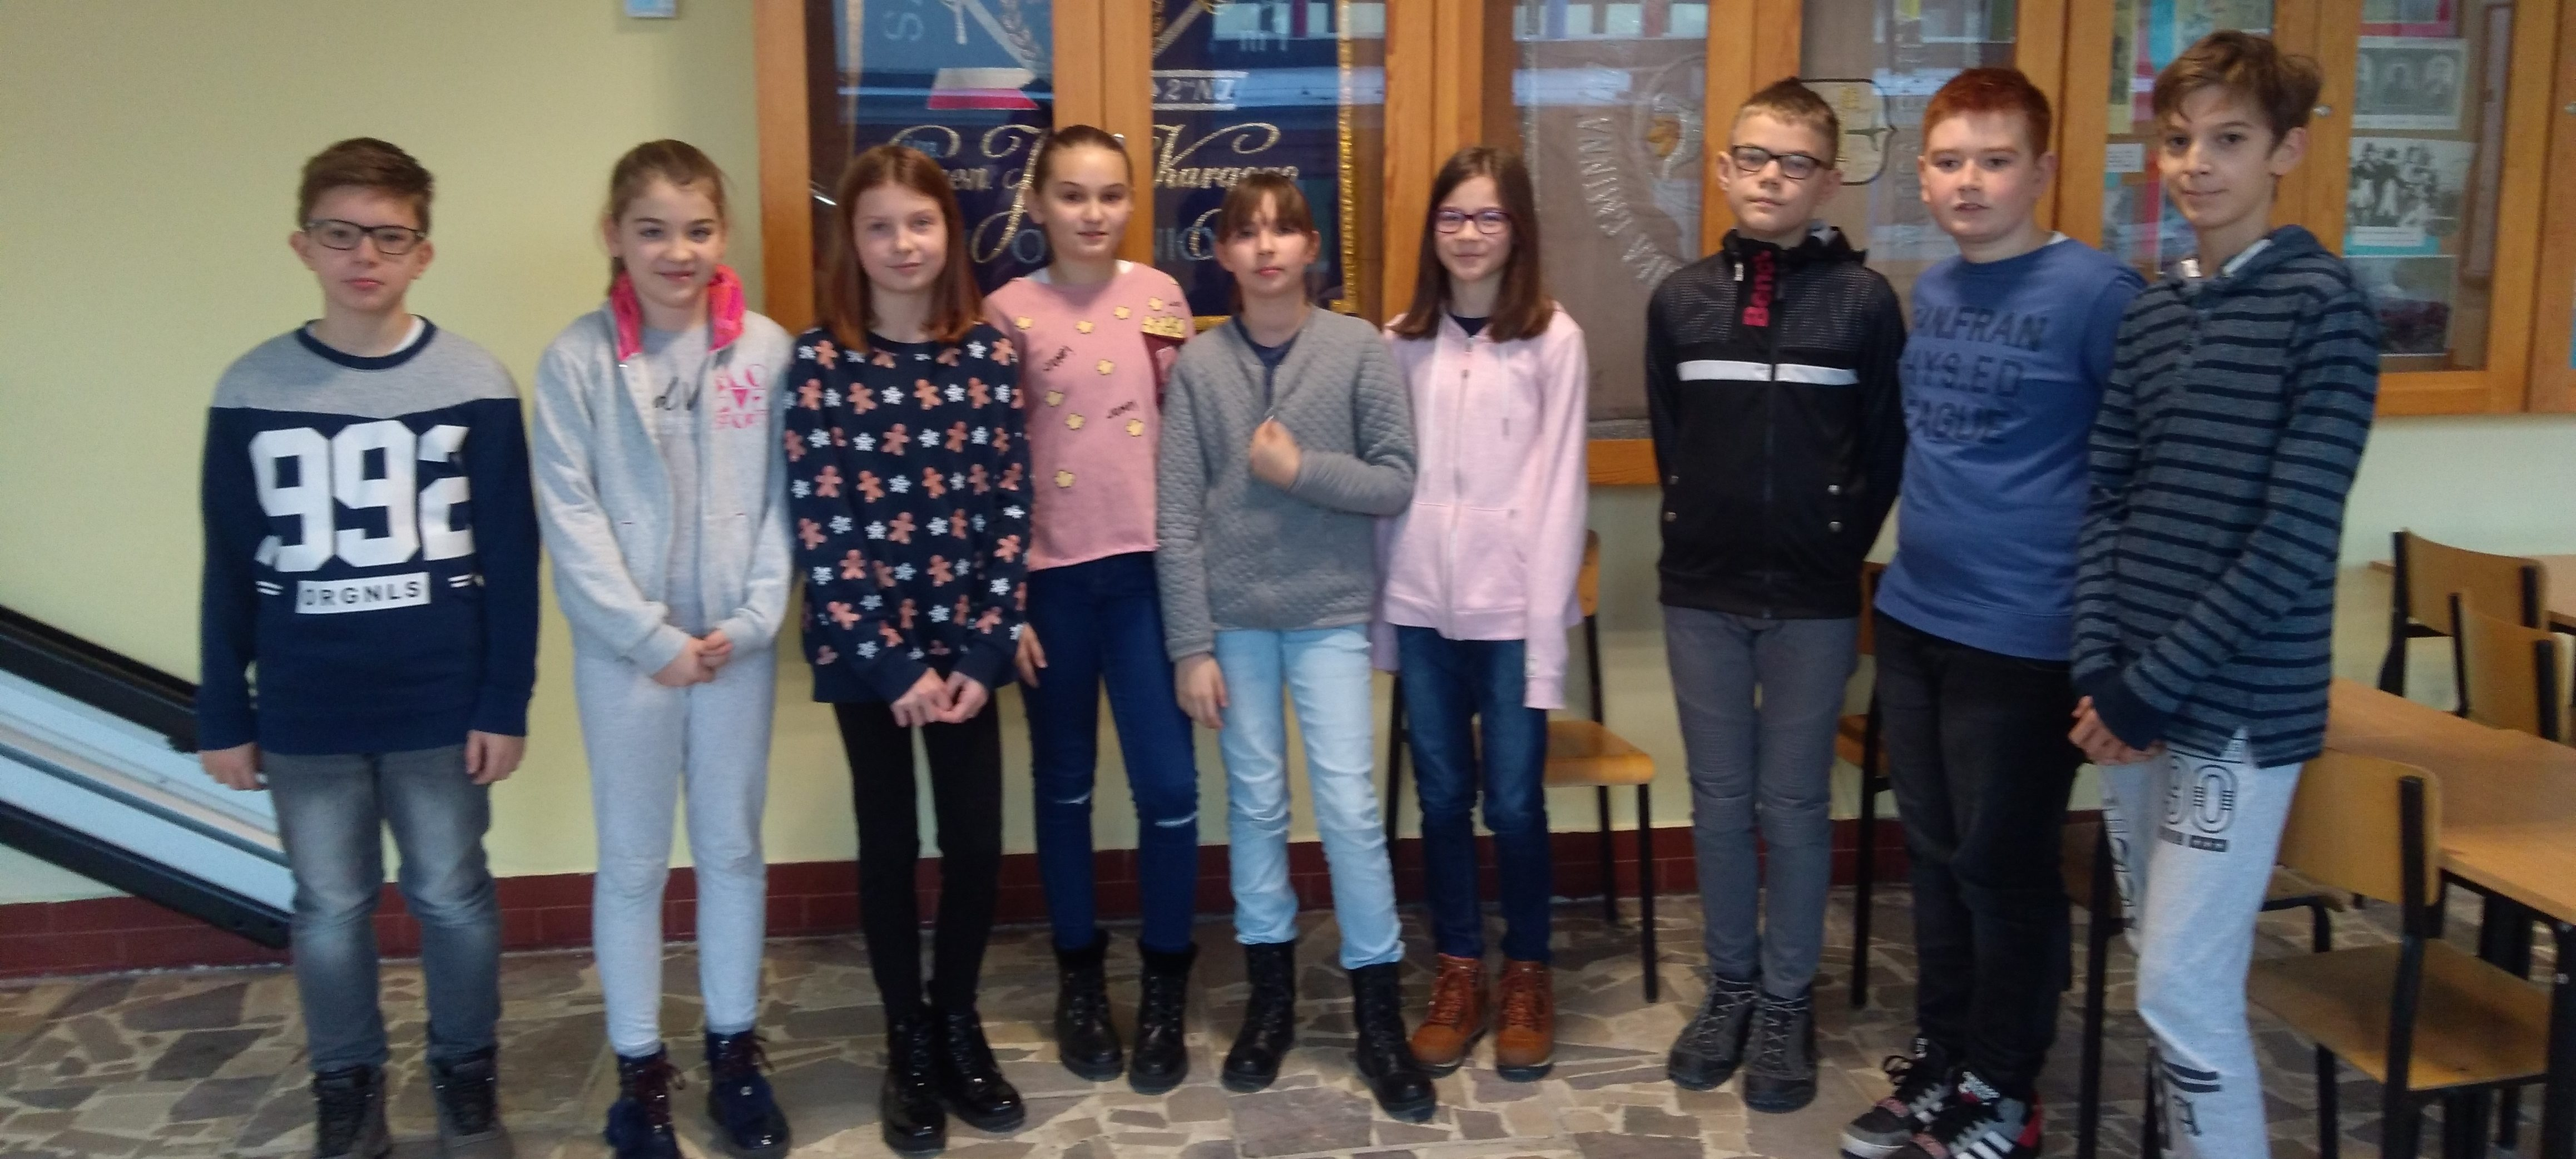 Etap szkolny XXII Konkursu Wiedzy o Wielkopolsce rozstrzygnięty